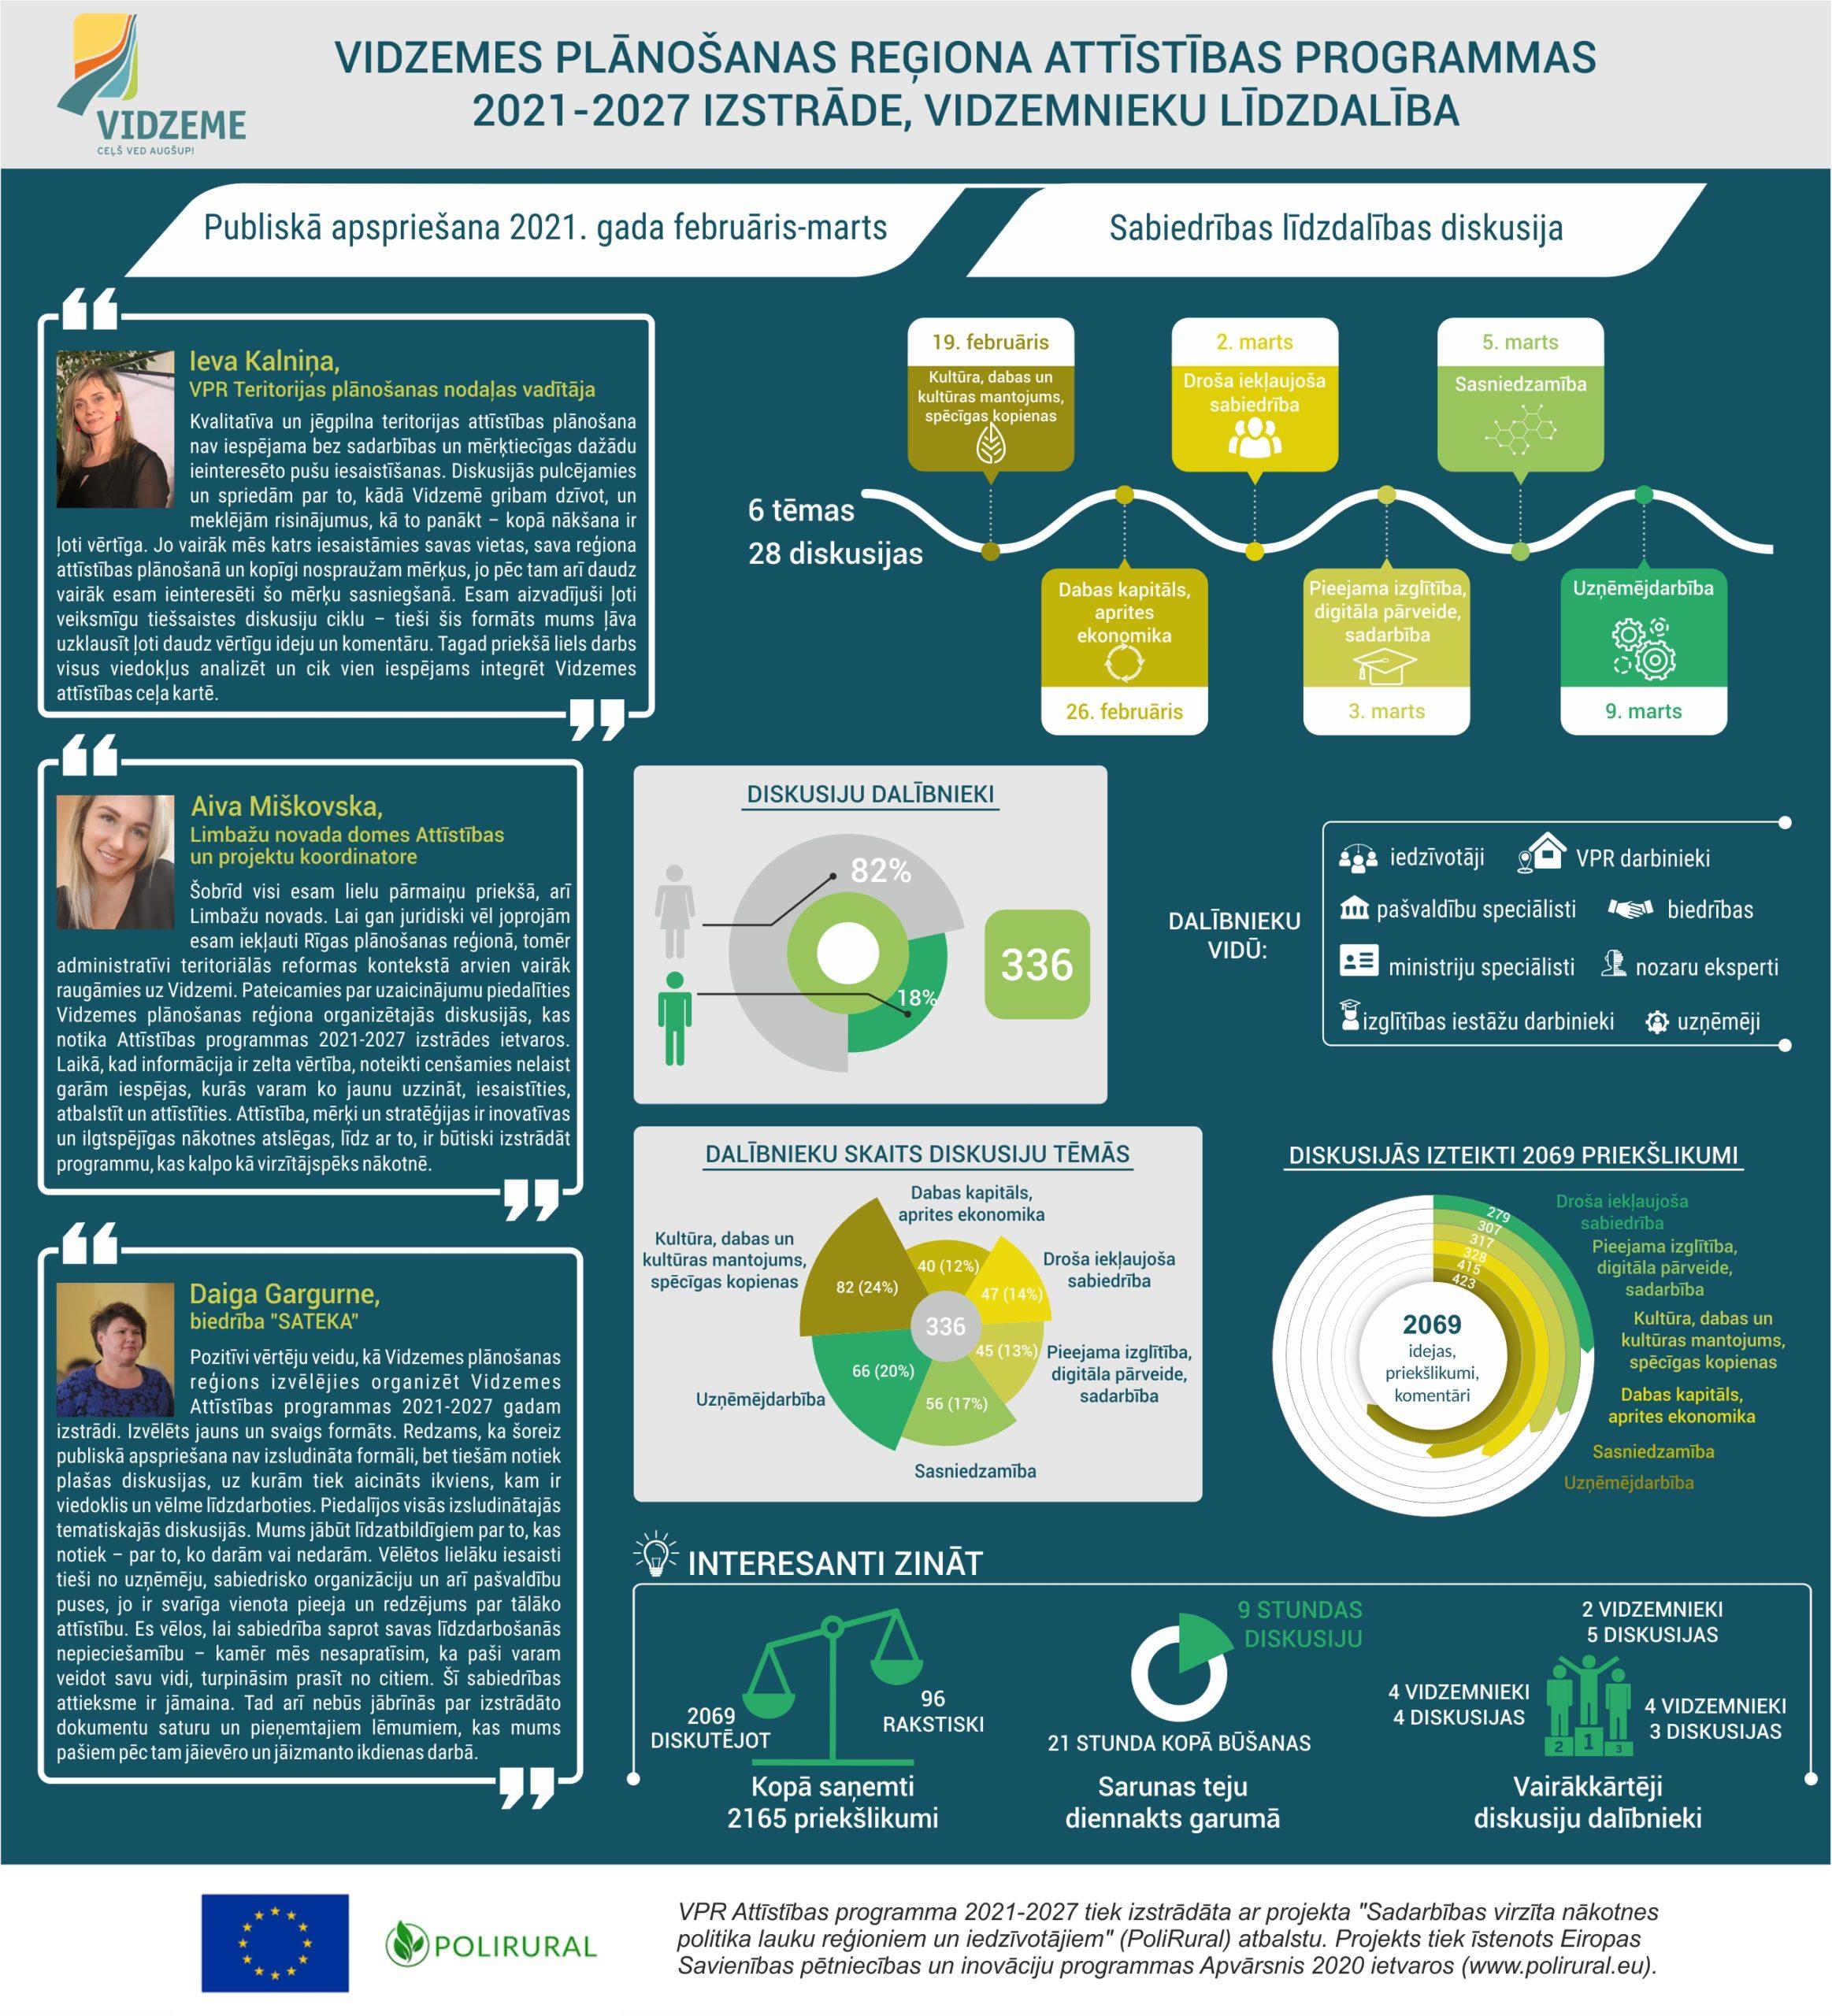 Sekmīgi noslēgusies Vidzemes Attīstības programmas 2021-2027 1. redakcijas projekta publiskā apspriešana